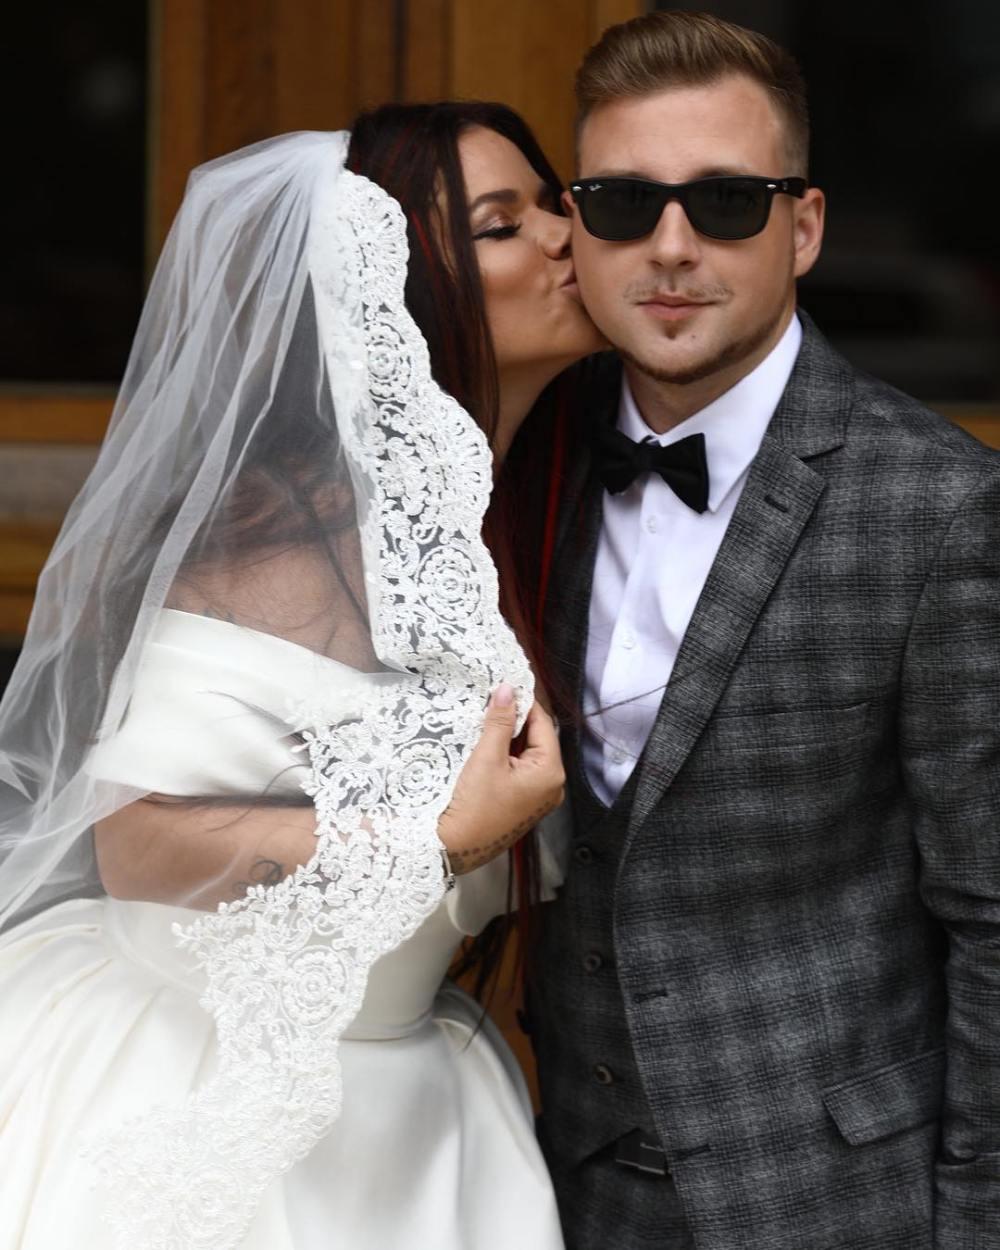 Муж Бьянки - фото с мужем, биография, личная жизнь